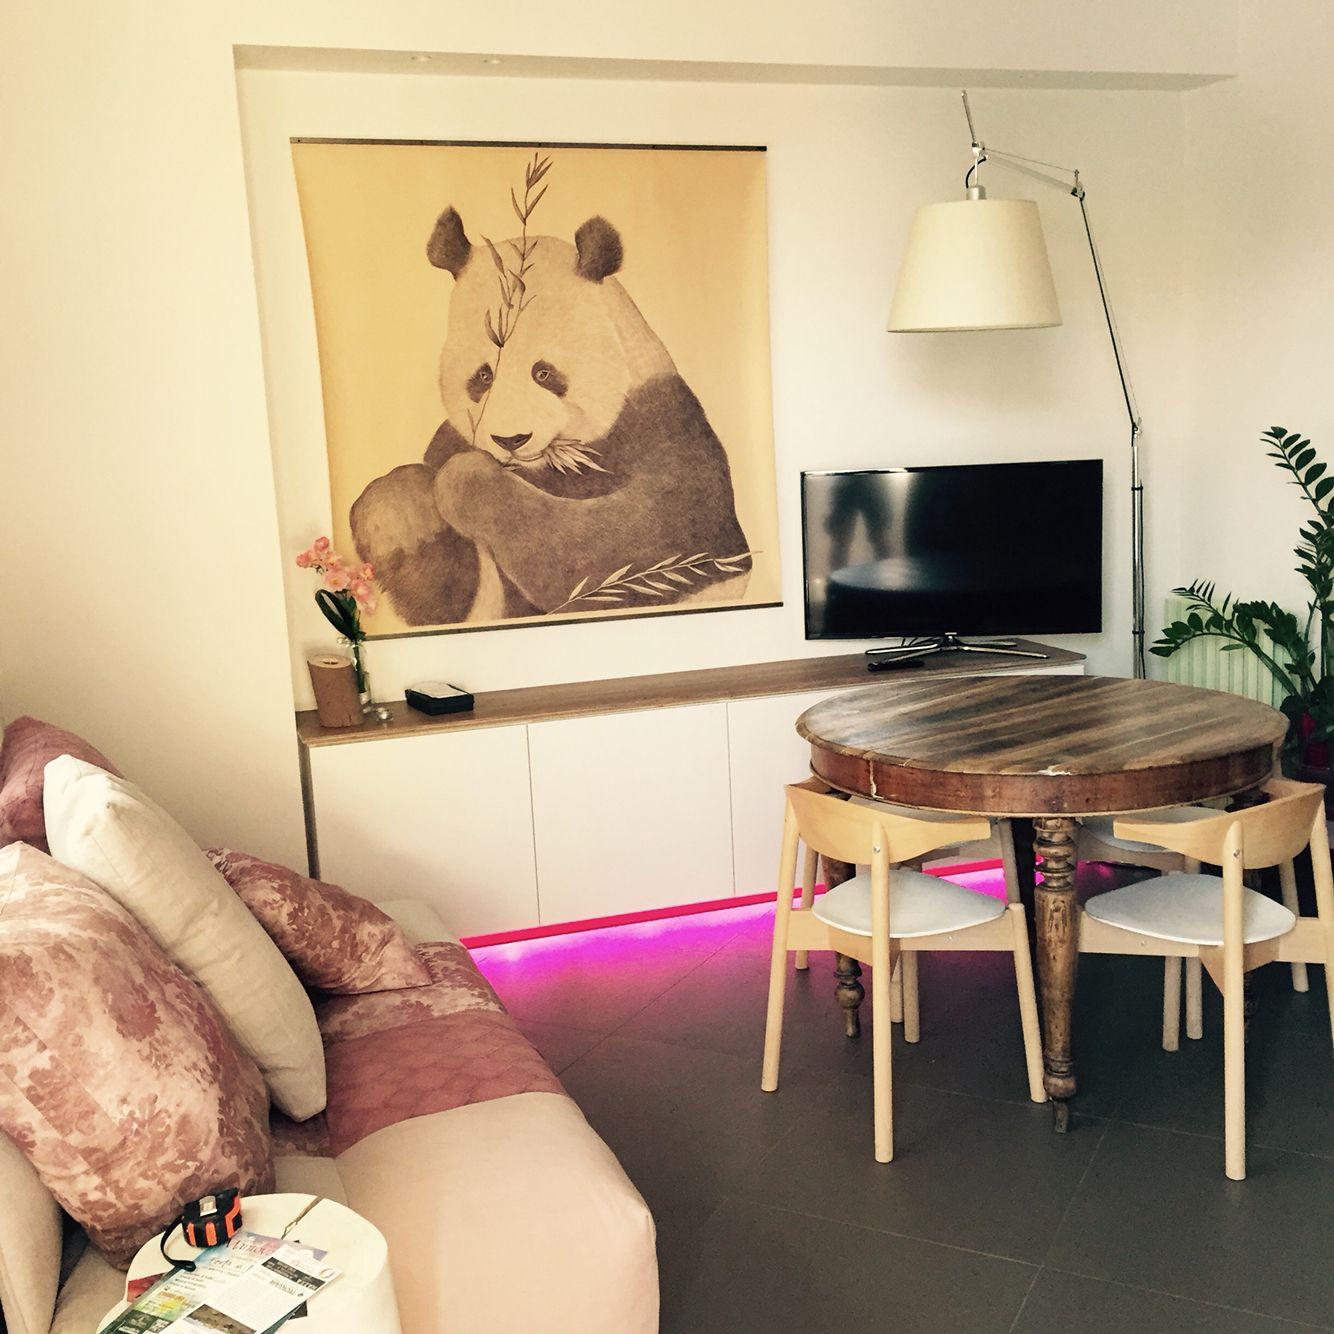 """Interni di casa privata con opera d'arte """"Panda"""" di Marcello Carrà. Penna a biro su carta applicata su tela"""